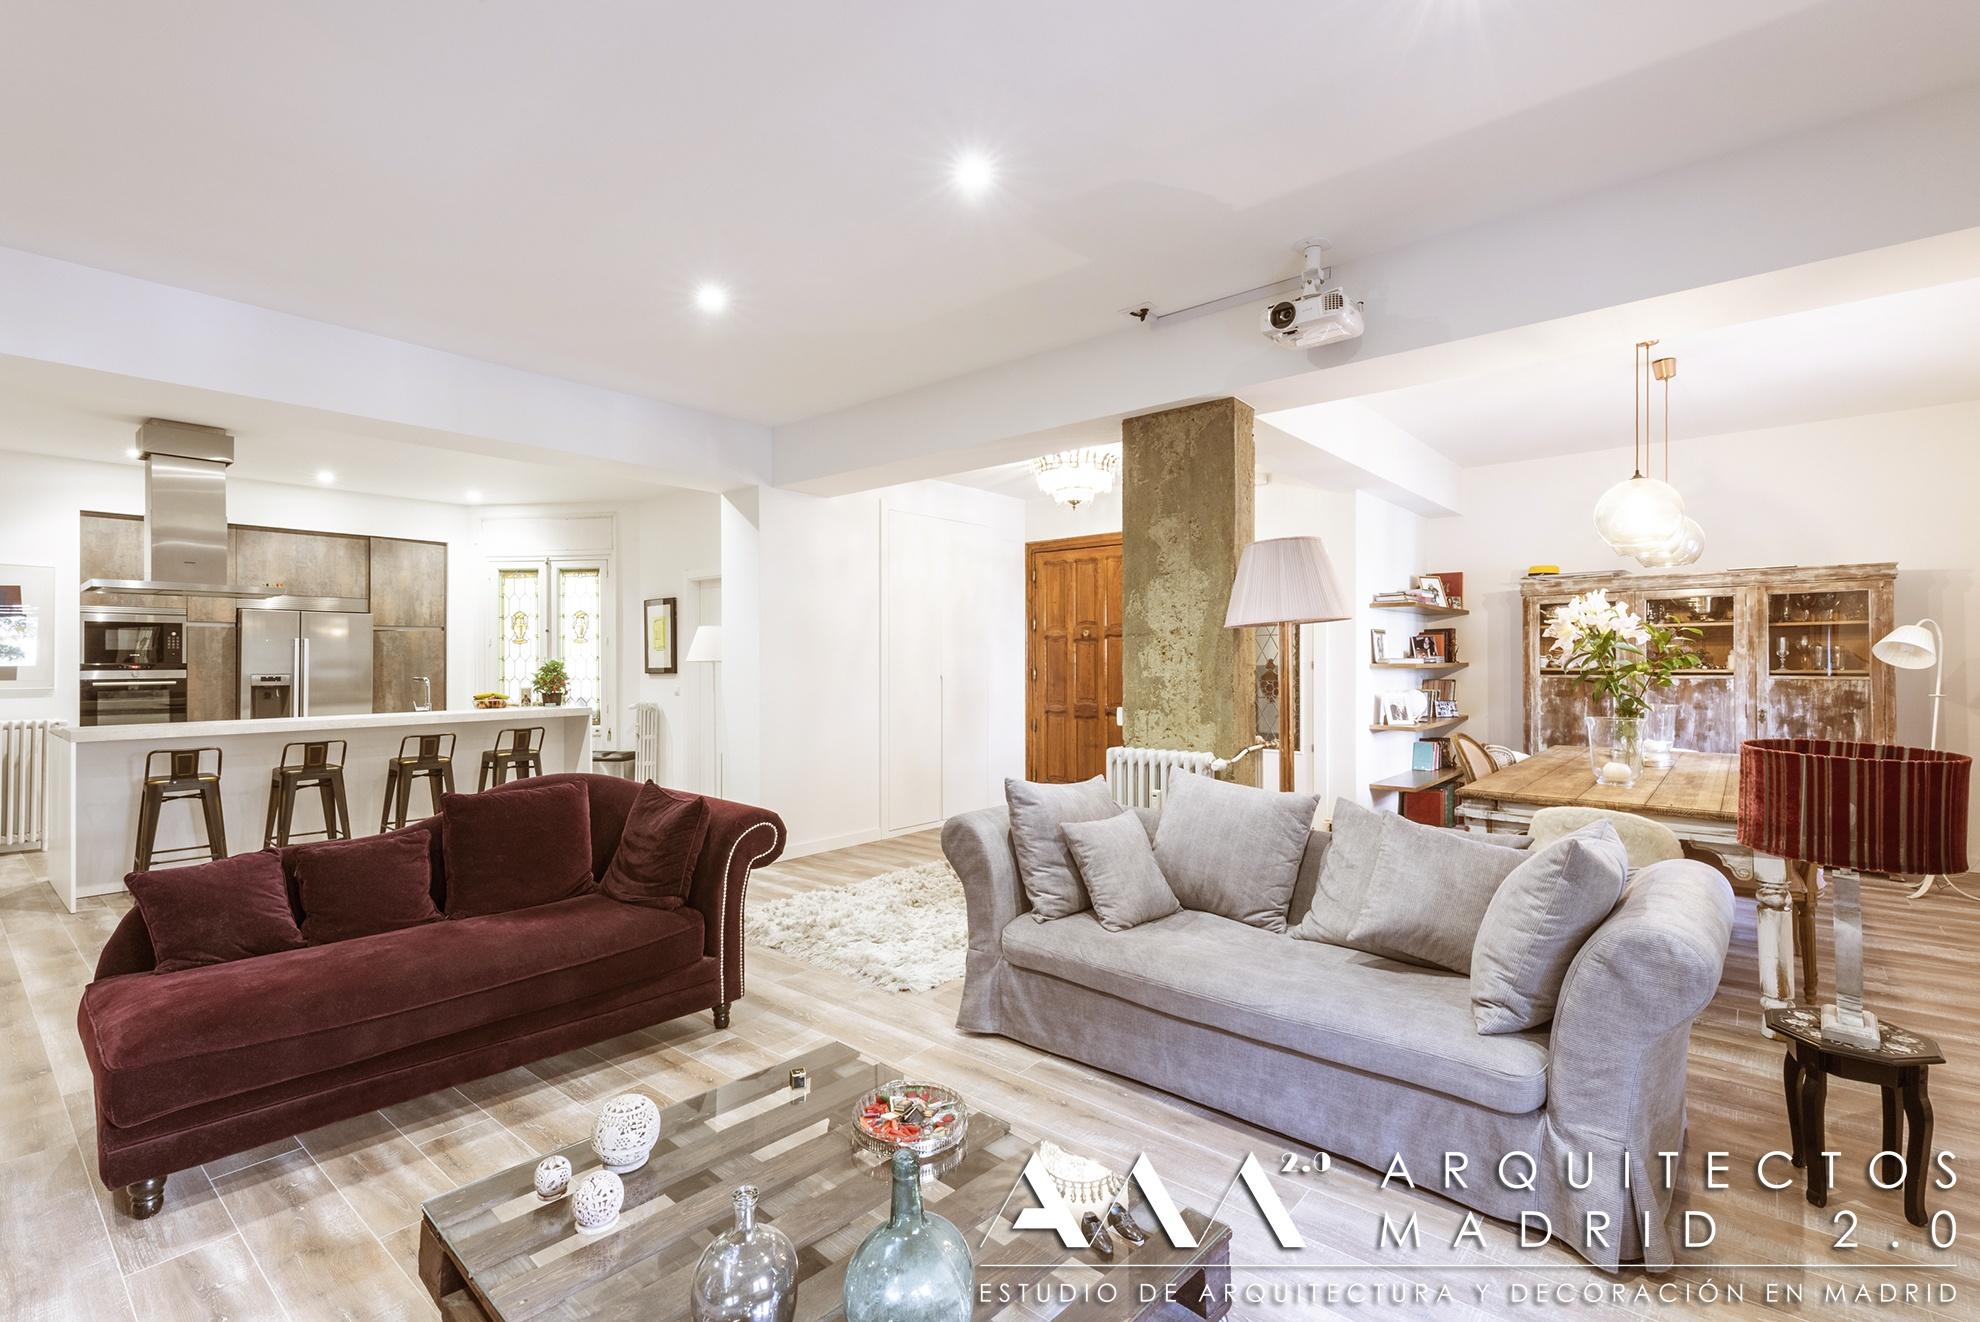 reforma-proyecto-vivienda-chamberi-arquitectos-madrid-decoracion-salon-estar-02